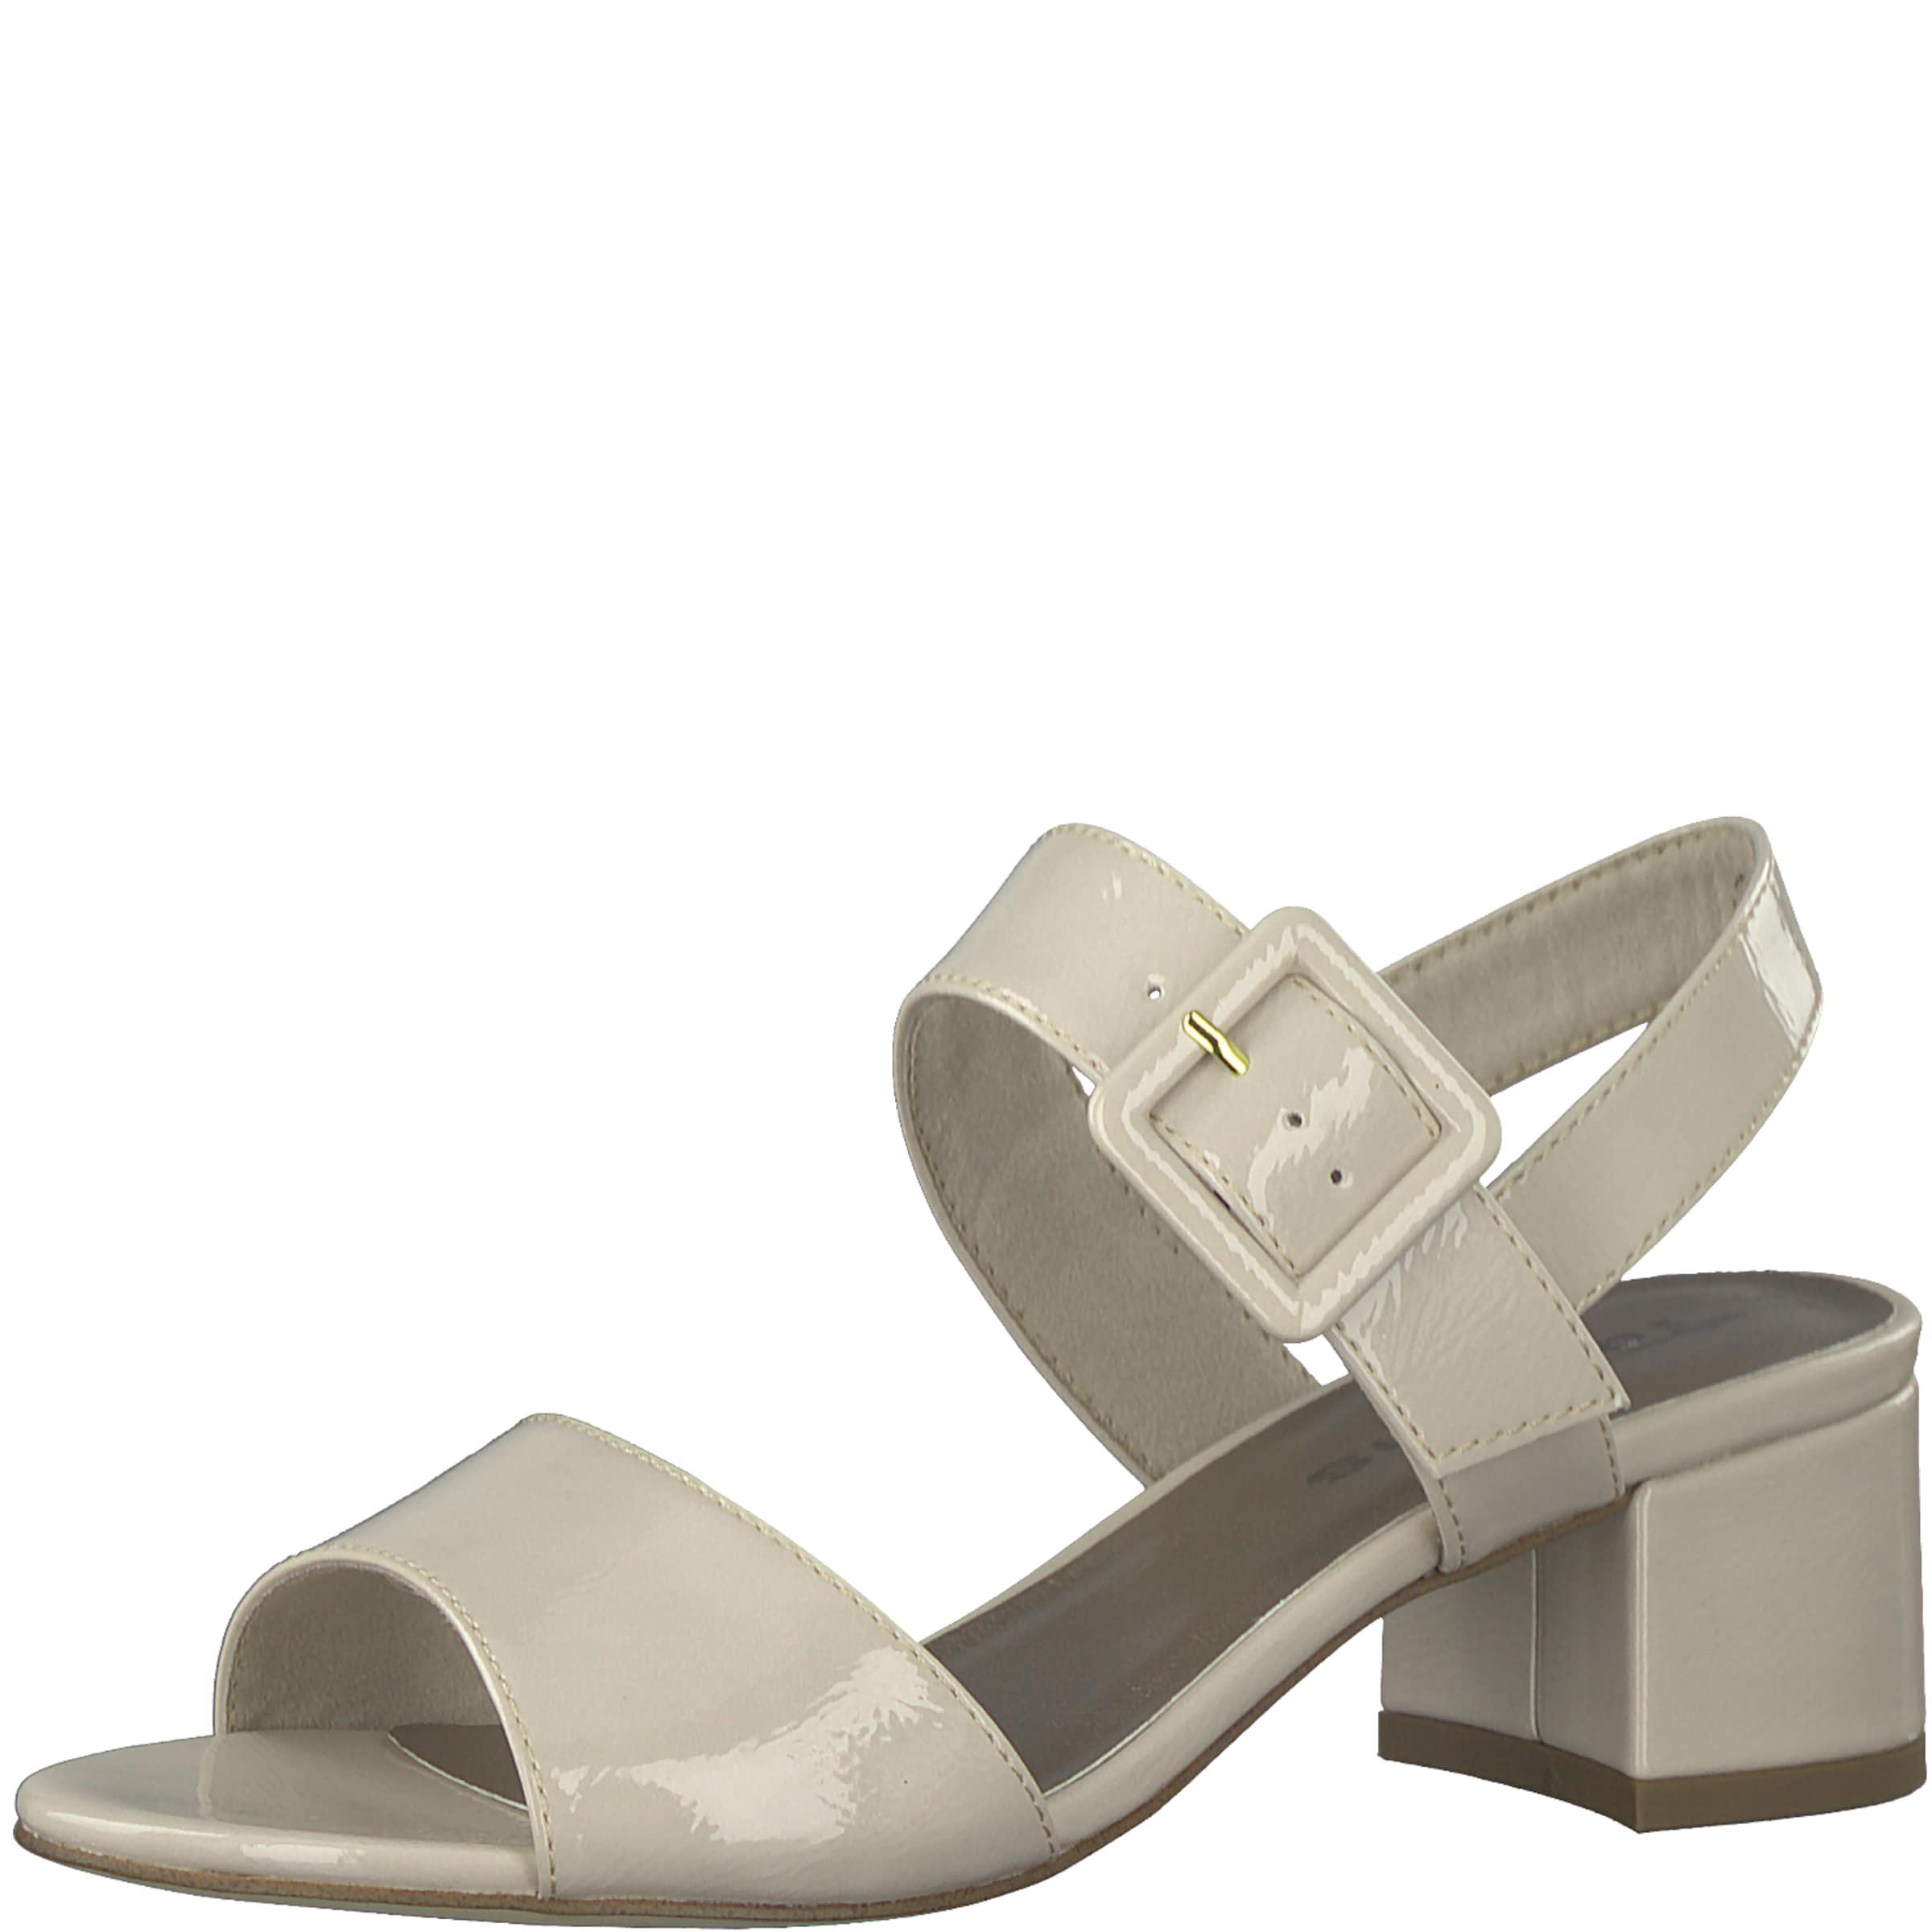 TAMARIS Blockabsatz Sandale Verschleißfeste Verschleißfeste